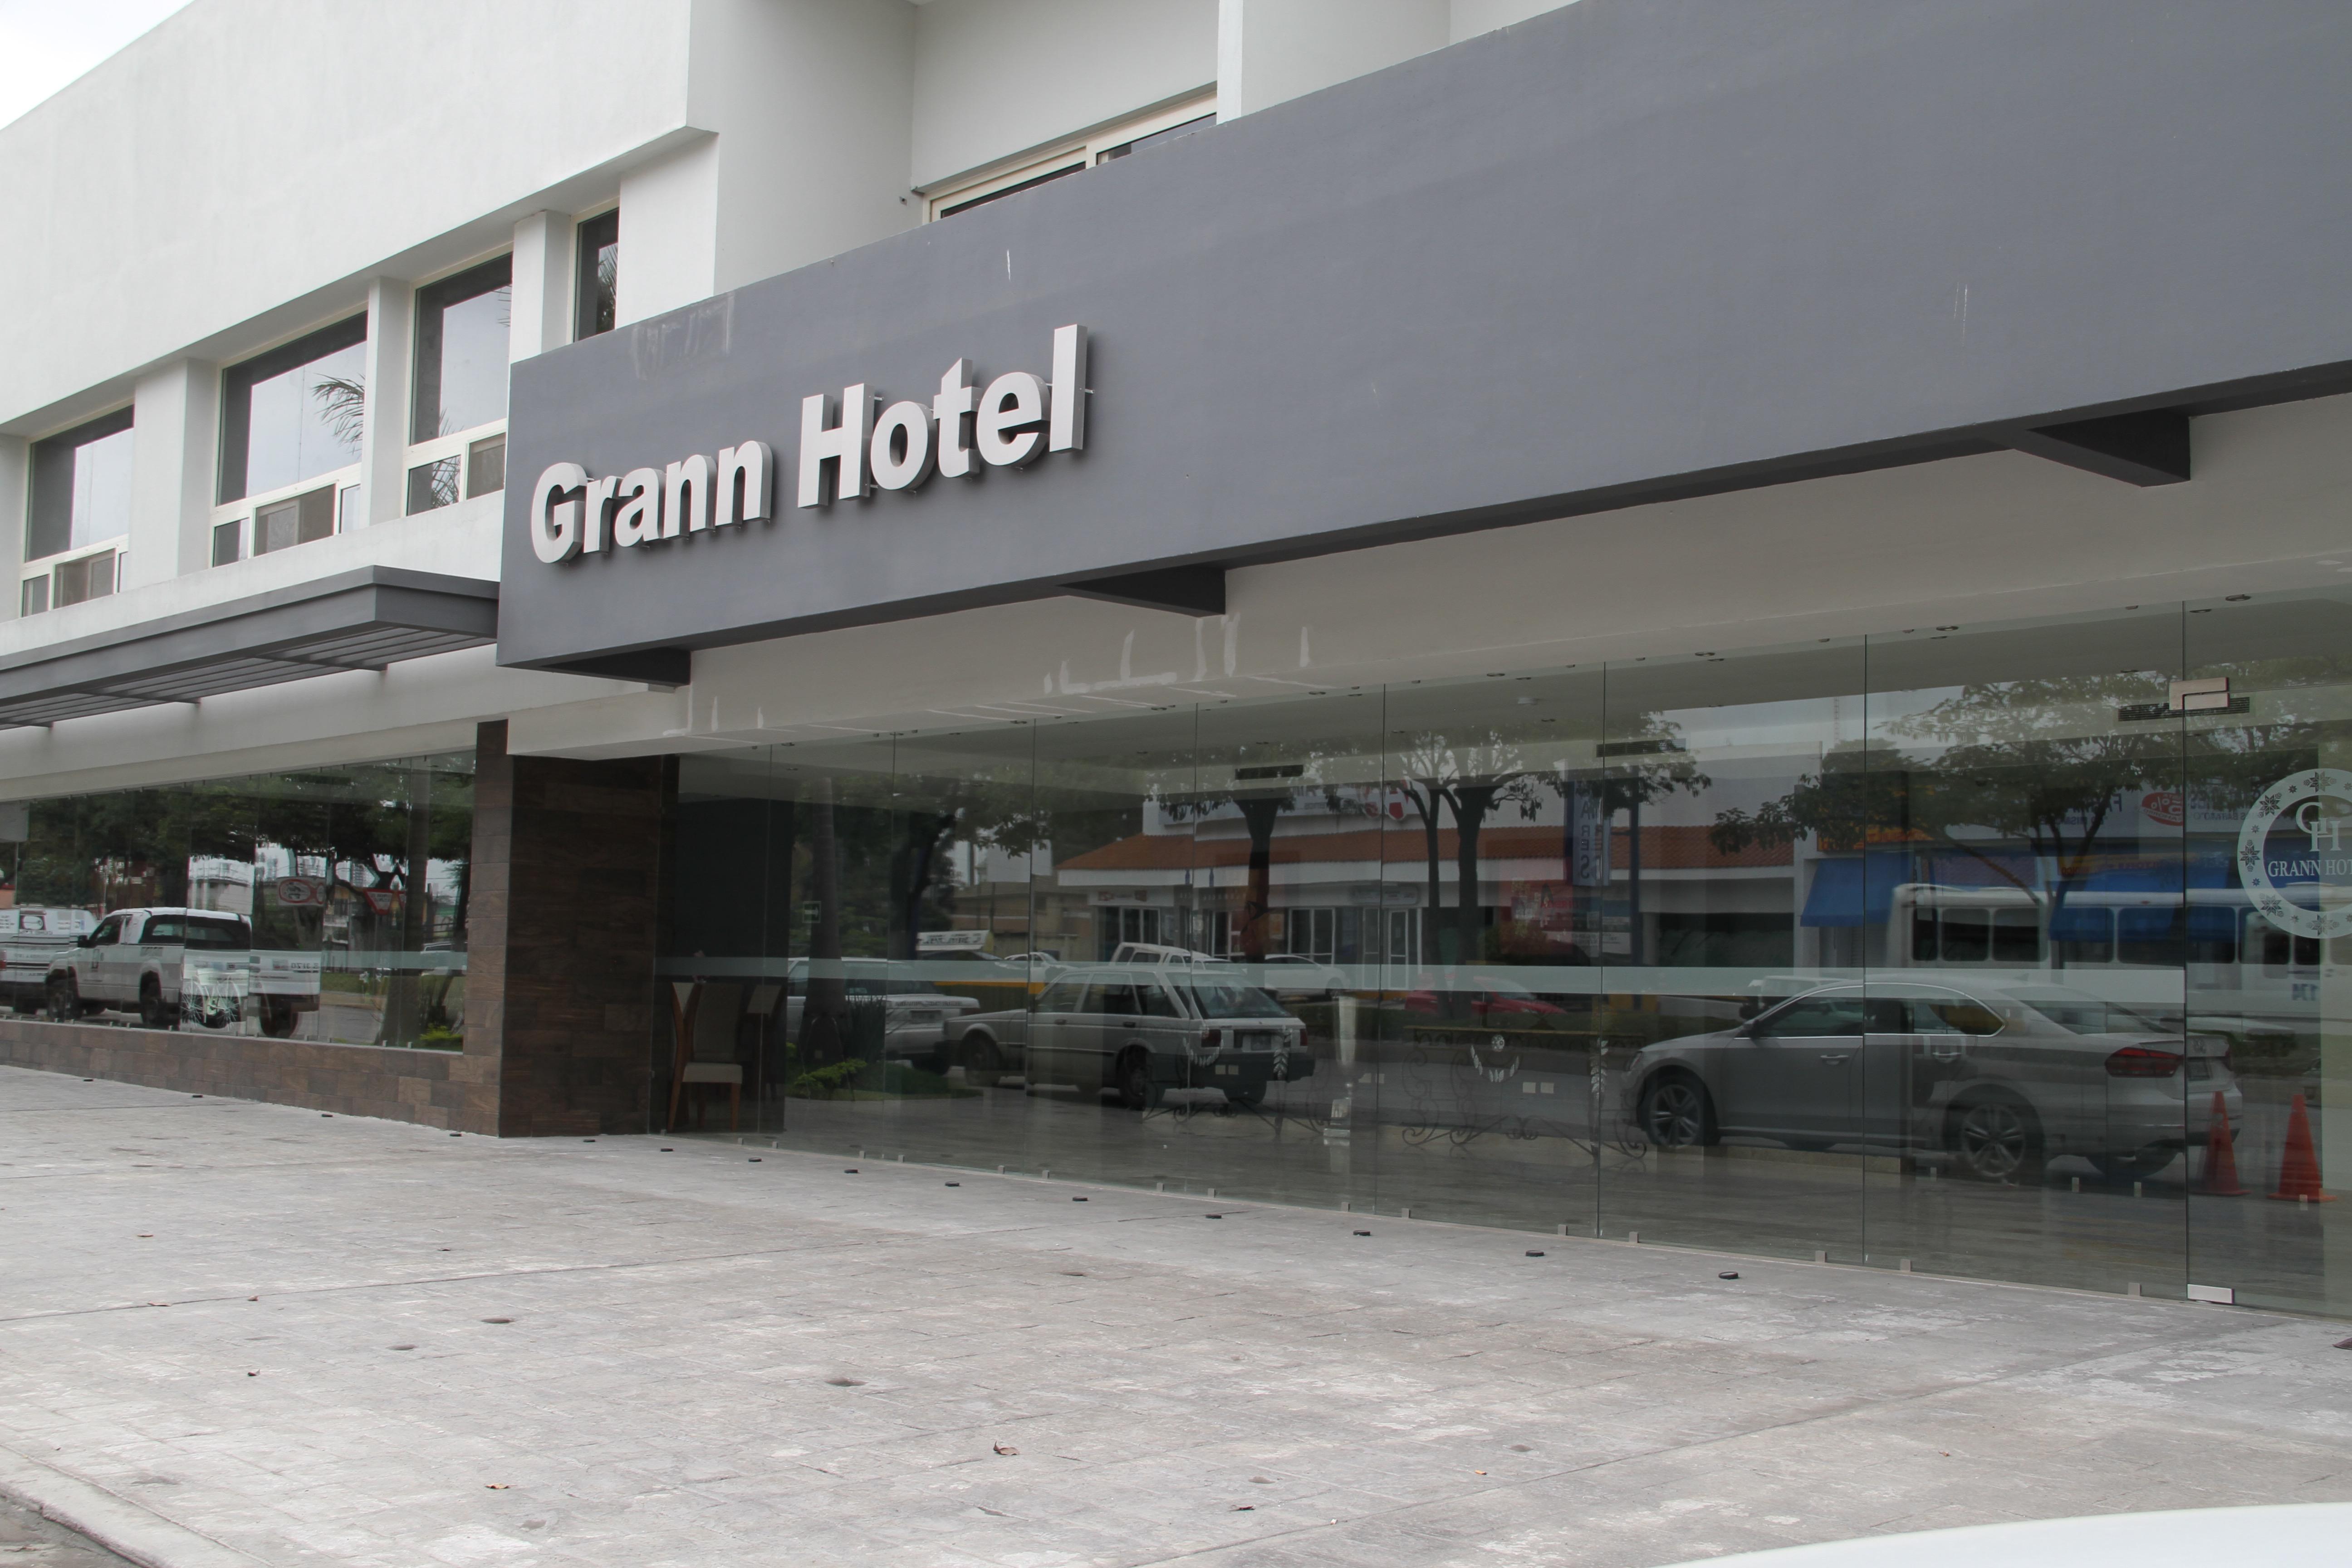 Grann Hotel Ciudad Valles